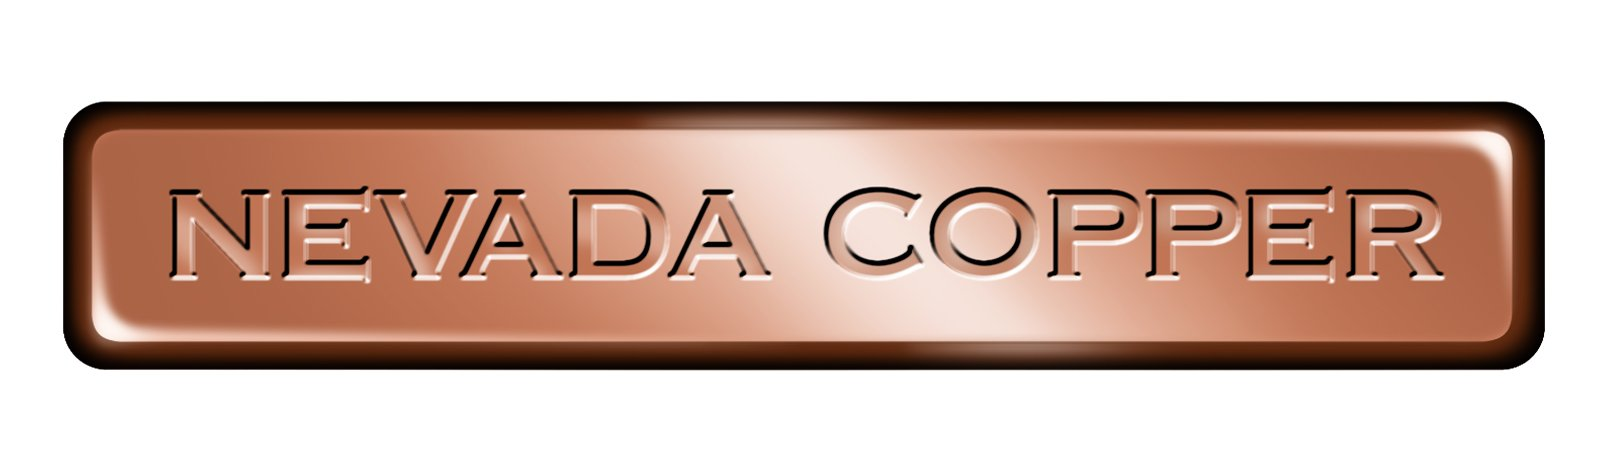 Nevada Copper Corp. logo